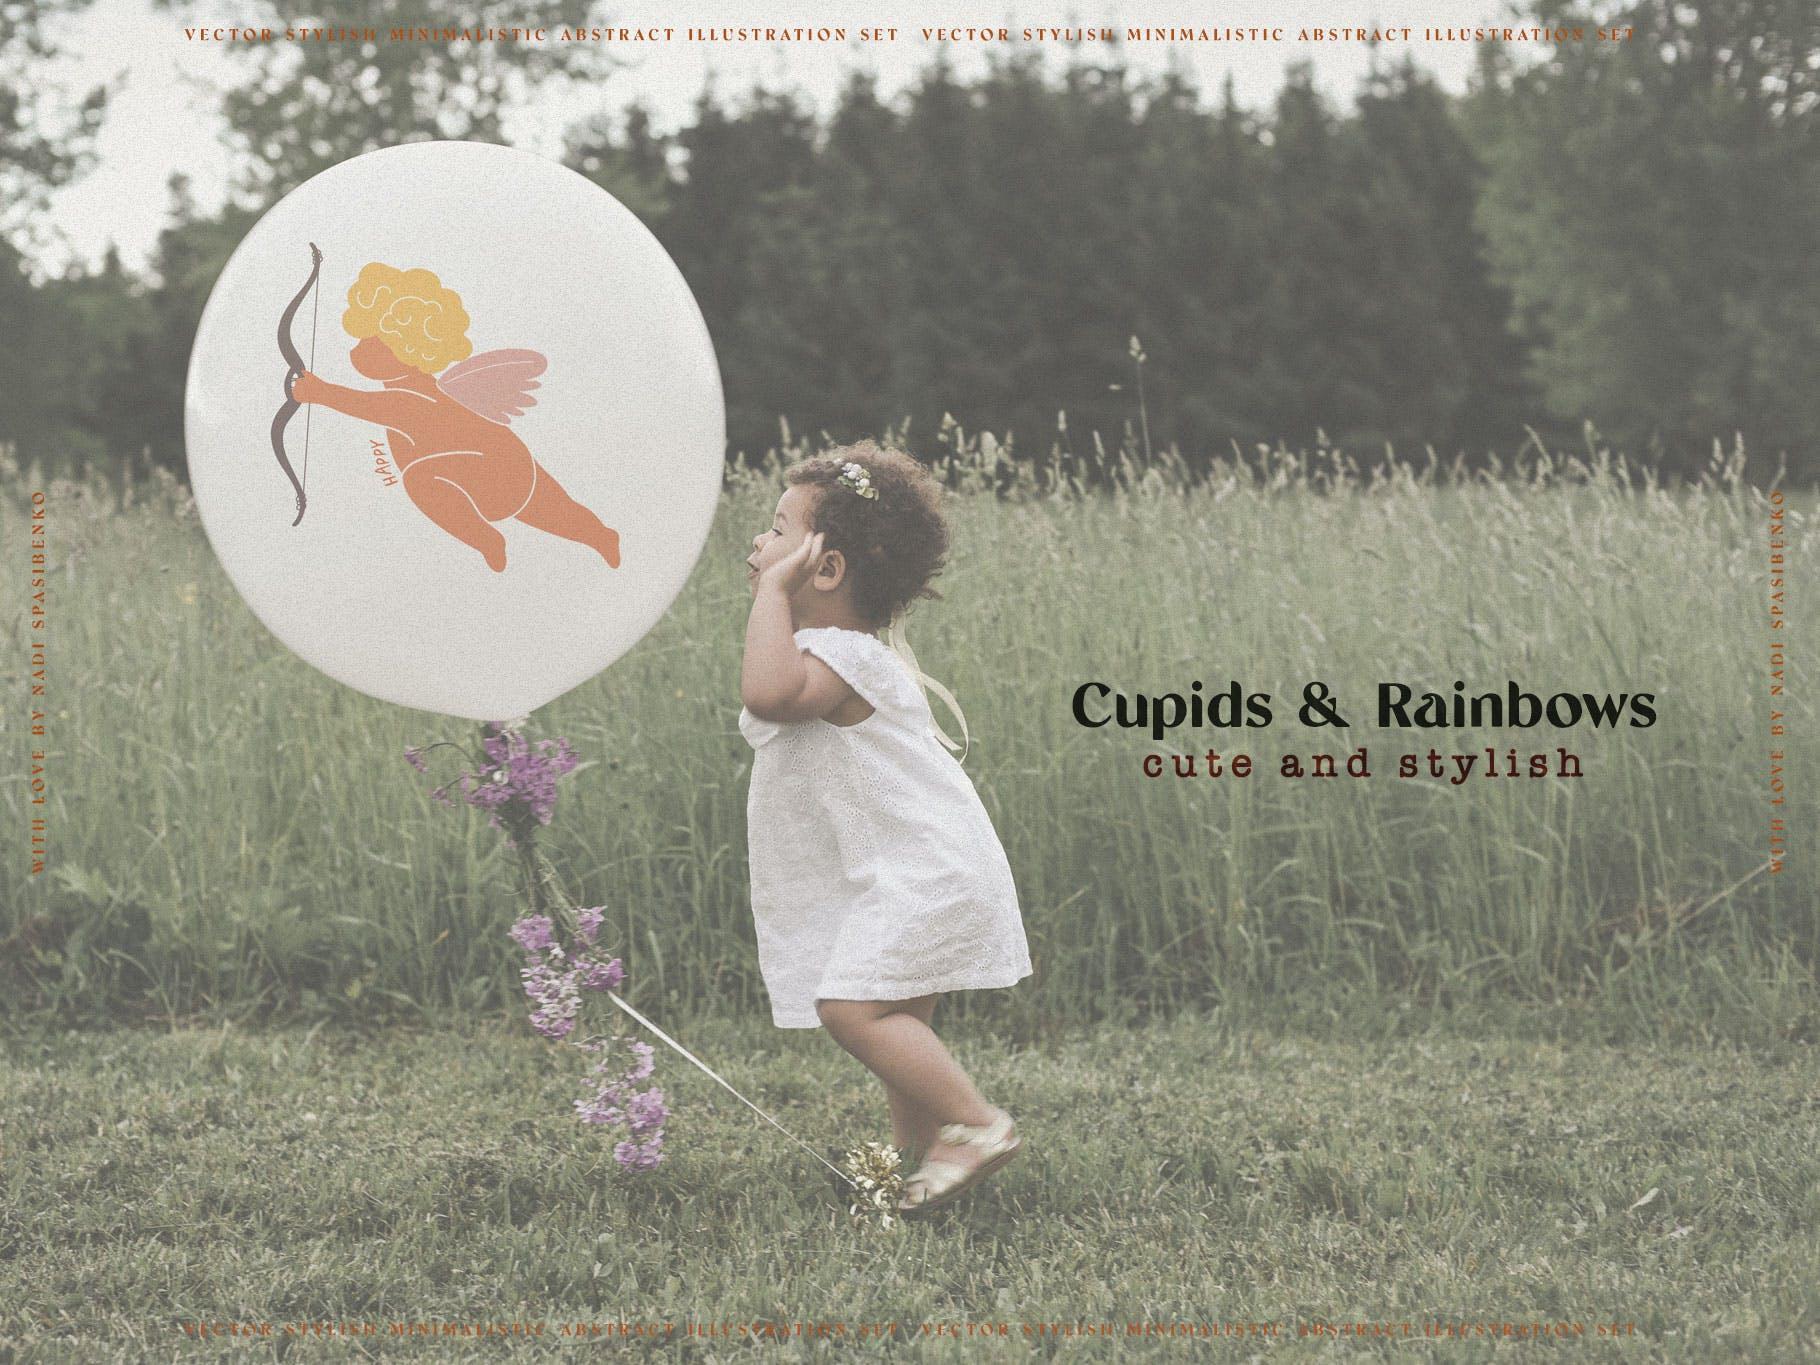 时尚抽象可爱卡通彩虹丘比特元素手绘插画矢量设计素材 Cupids & Cute Rainbows插图4